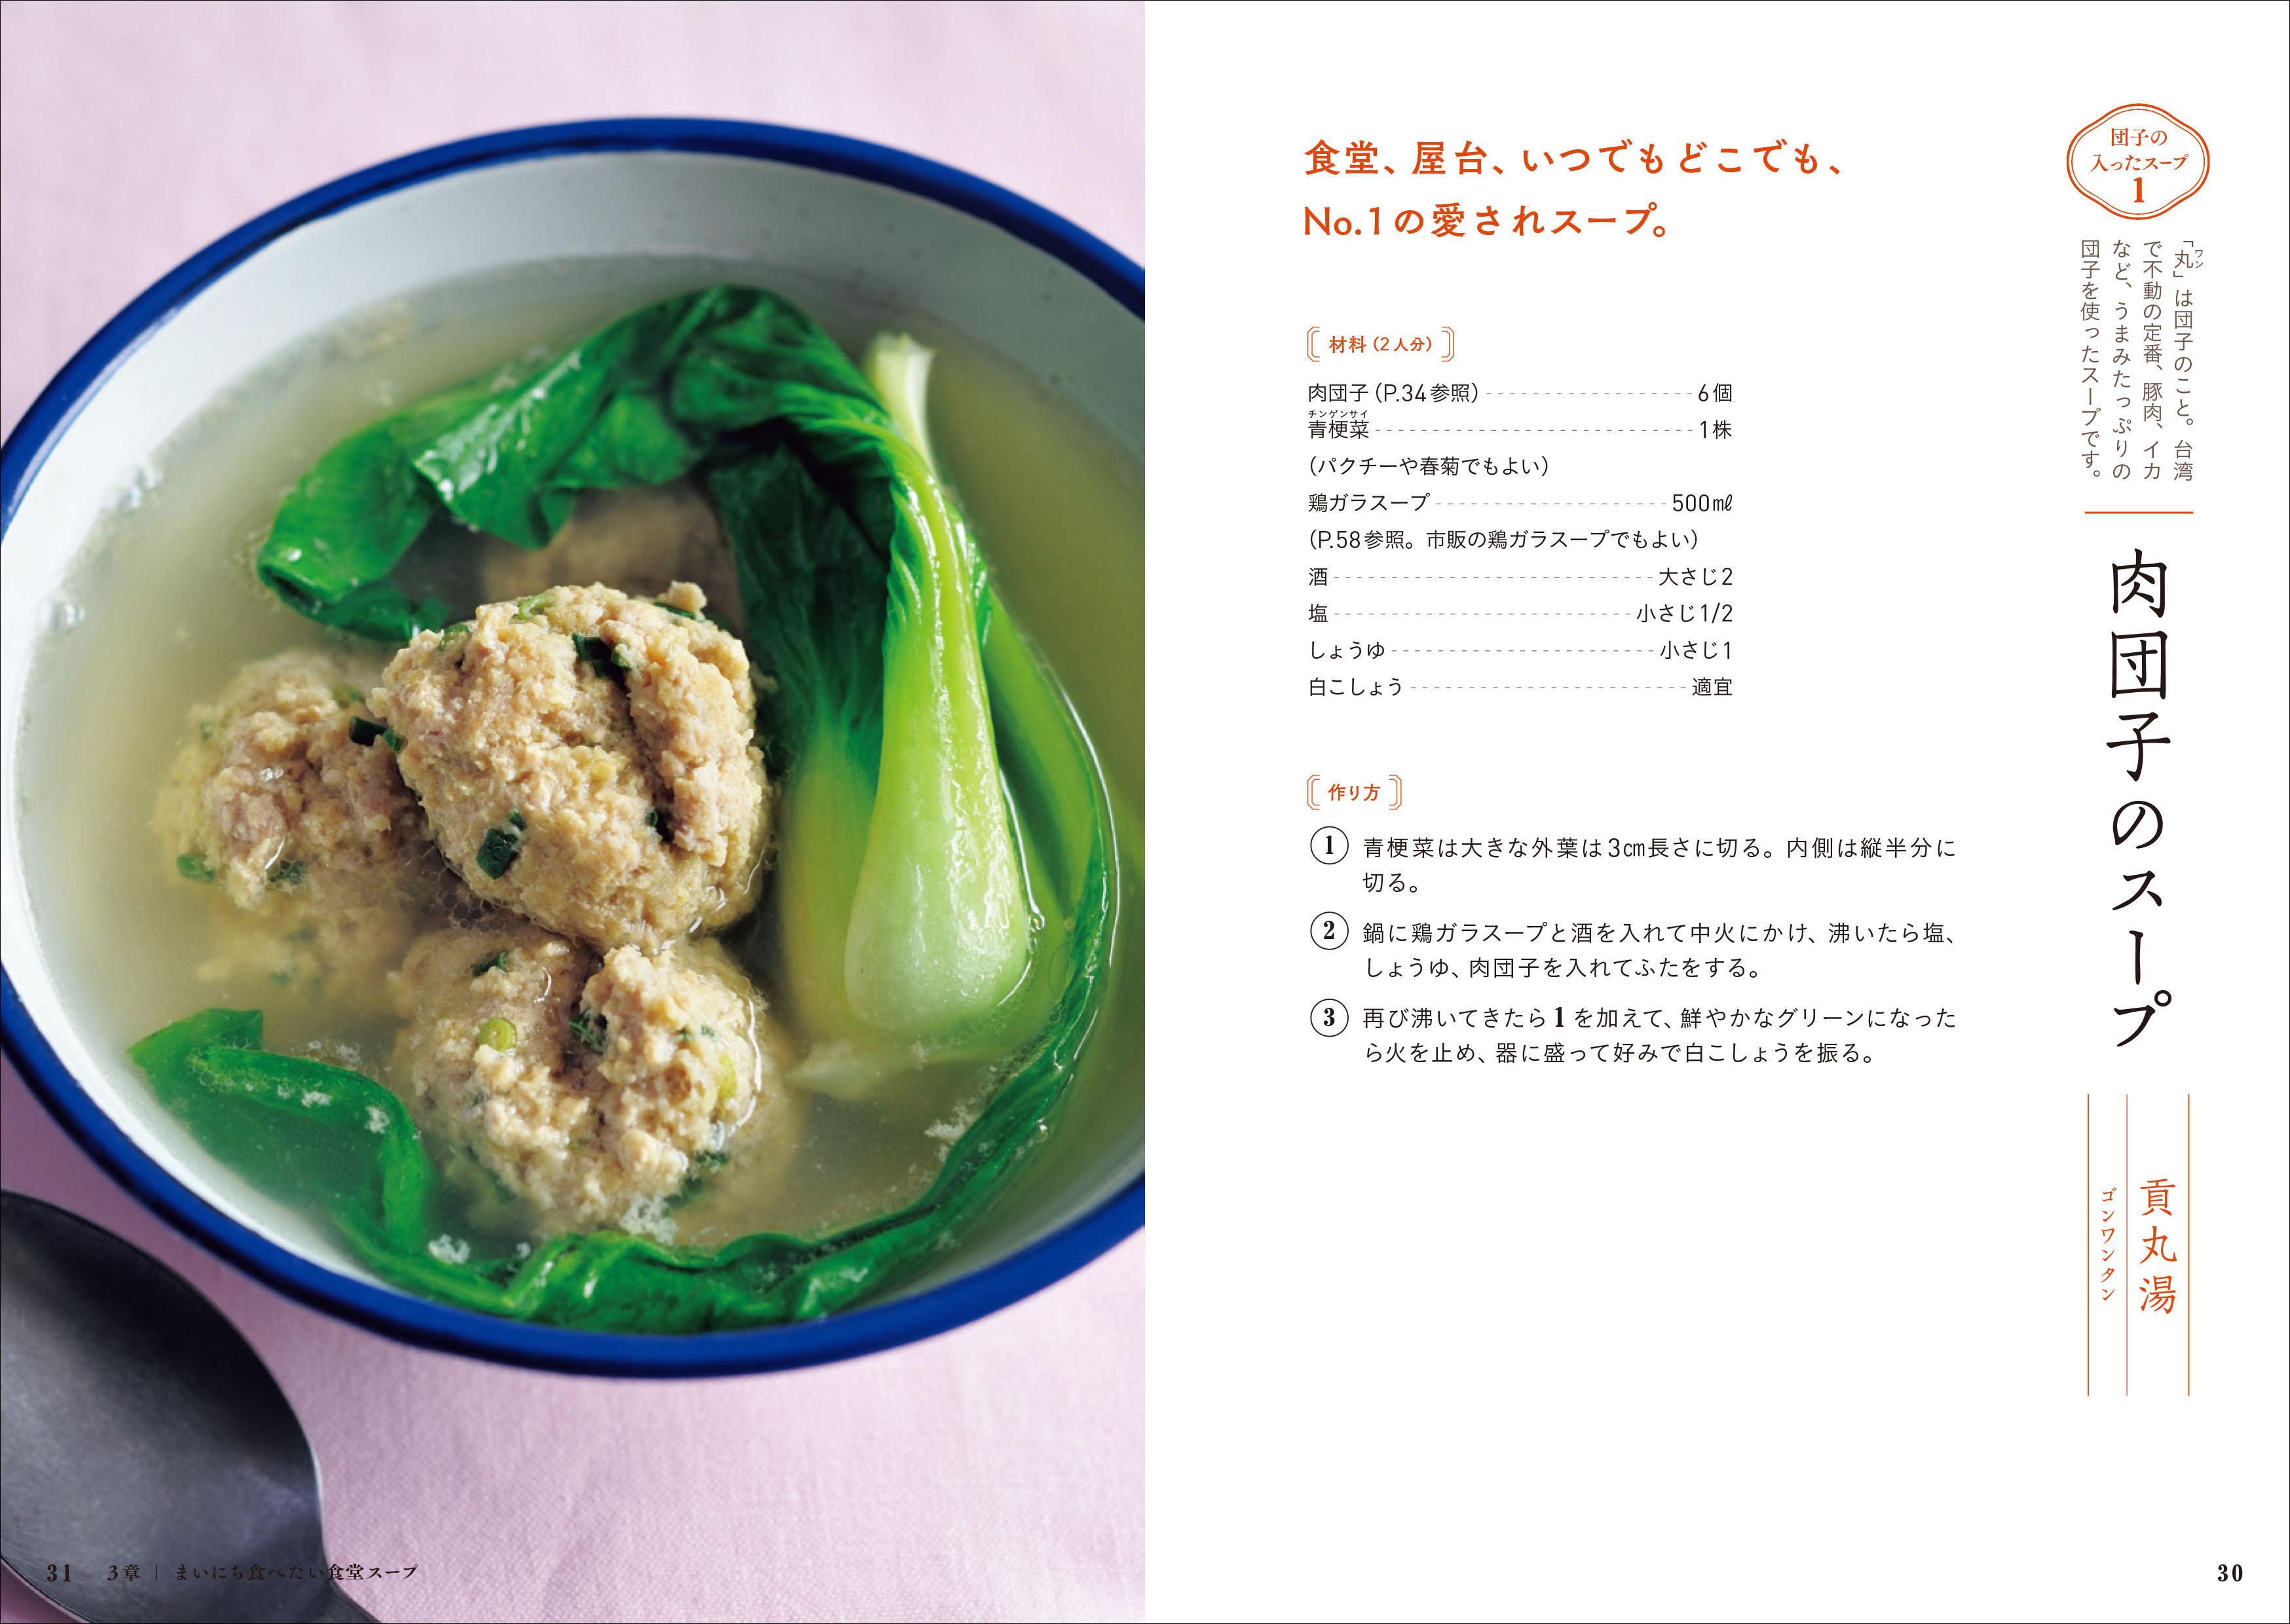 画像は、「肉団子のスープ」のレシピページ